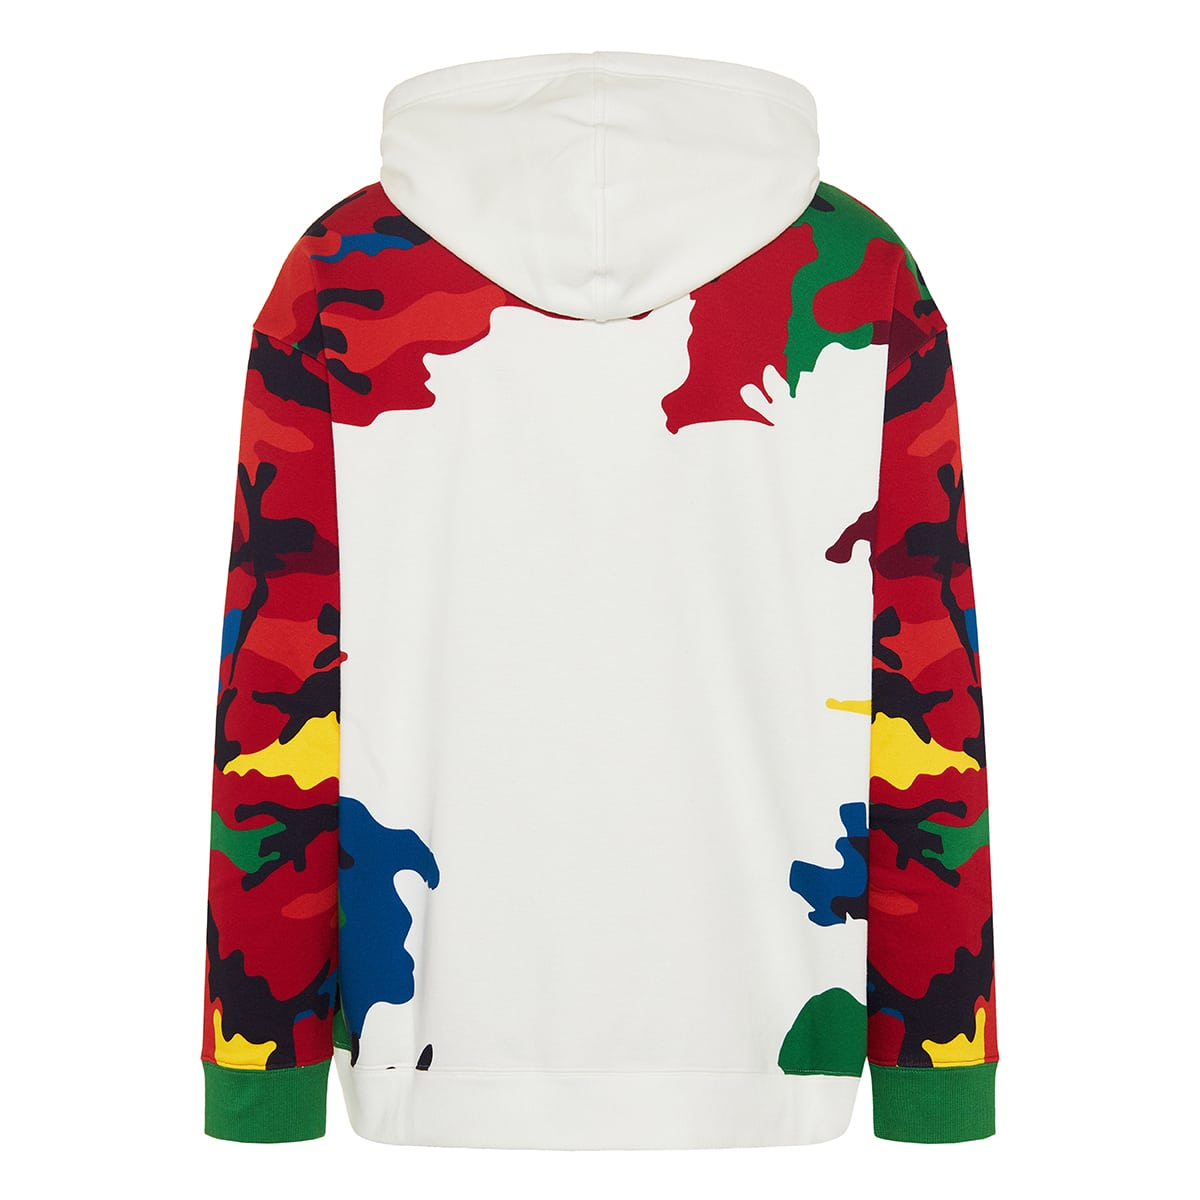 CAMOU7 VLTN printed hoodie